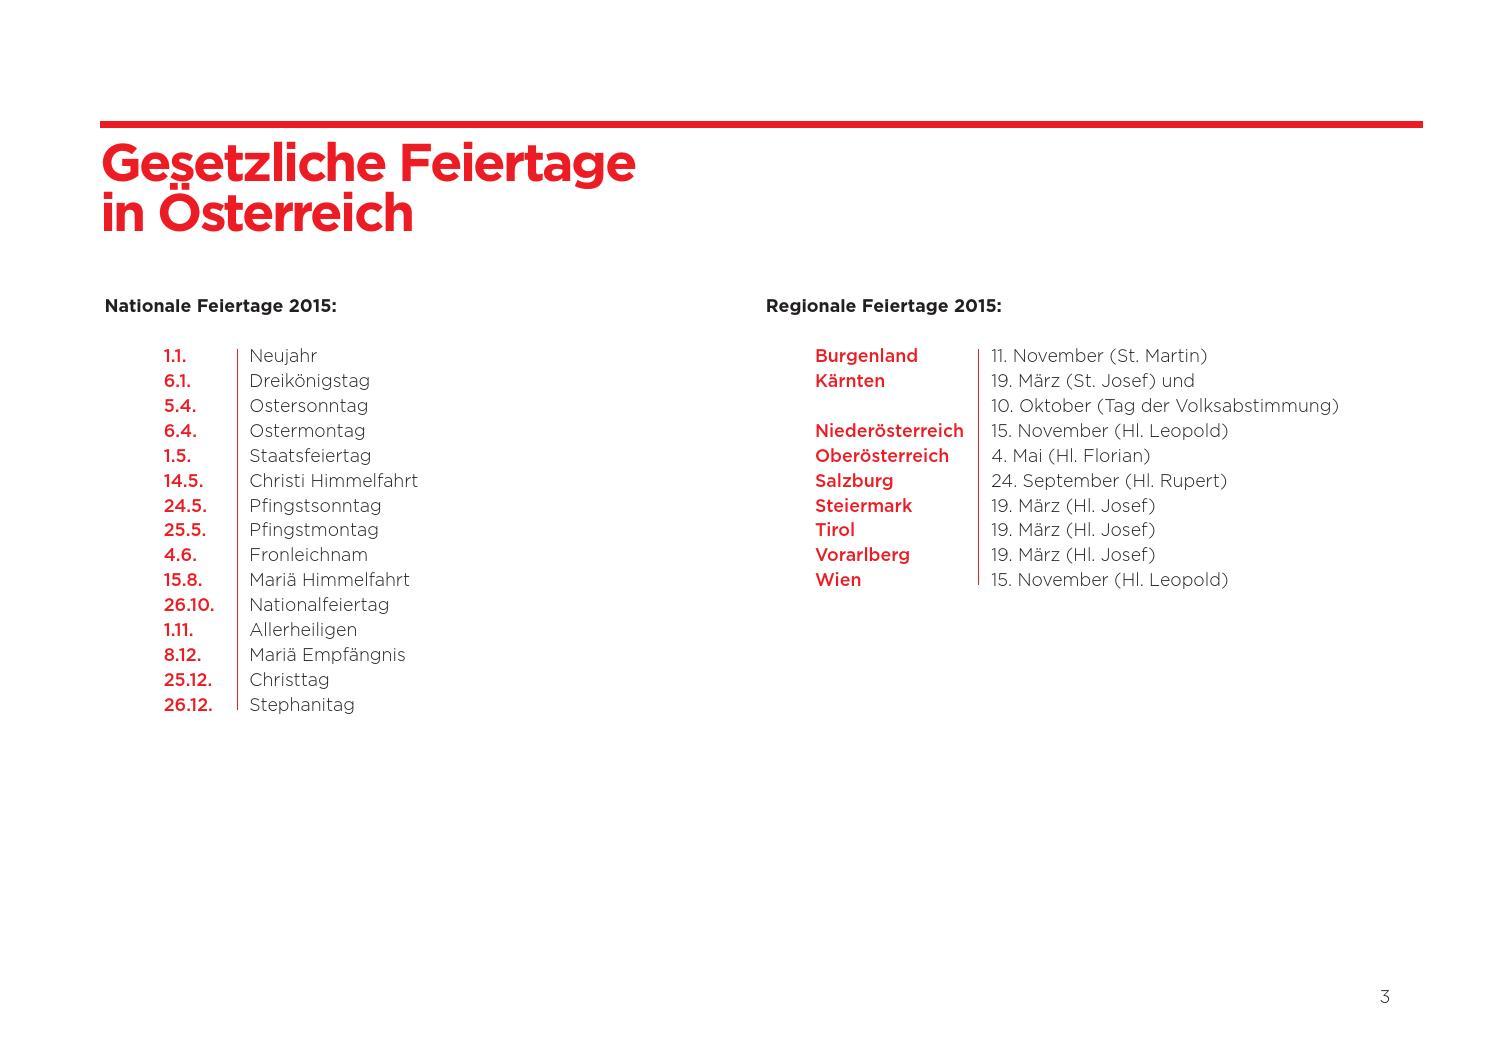 Fact Sheet 10 Interkulturelle Feiertage In österreich 2015 By